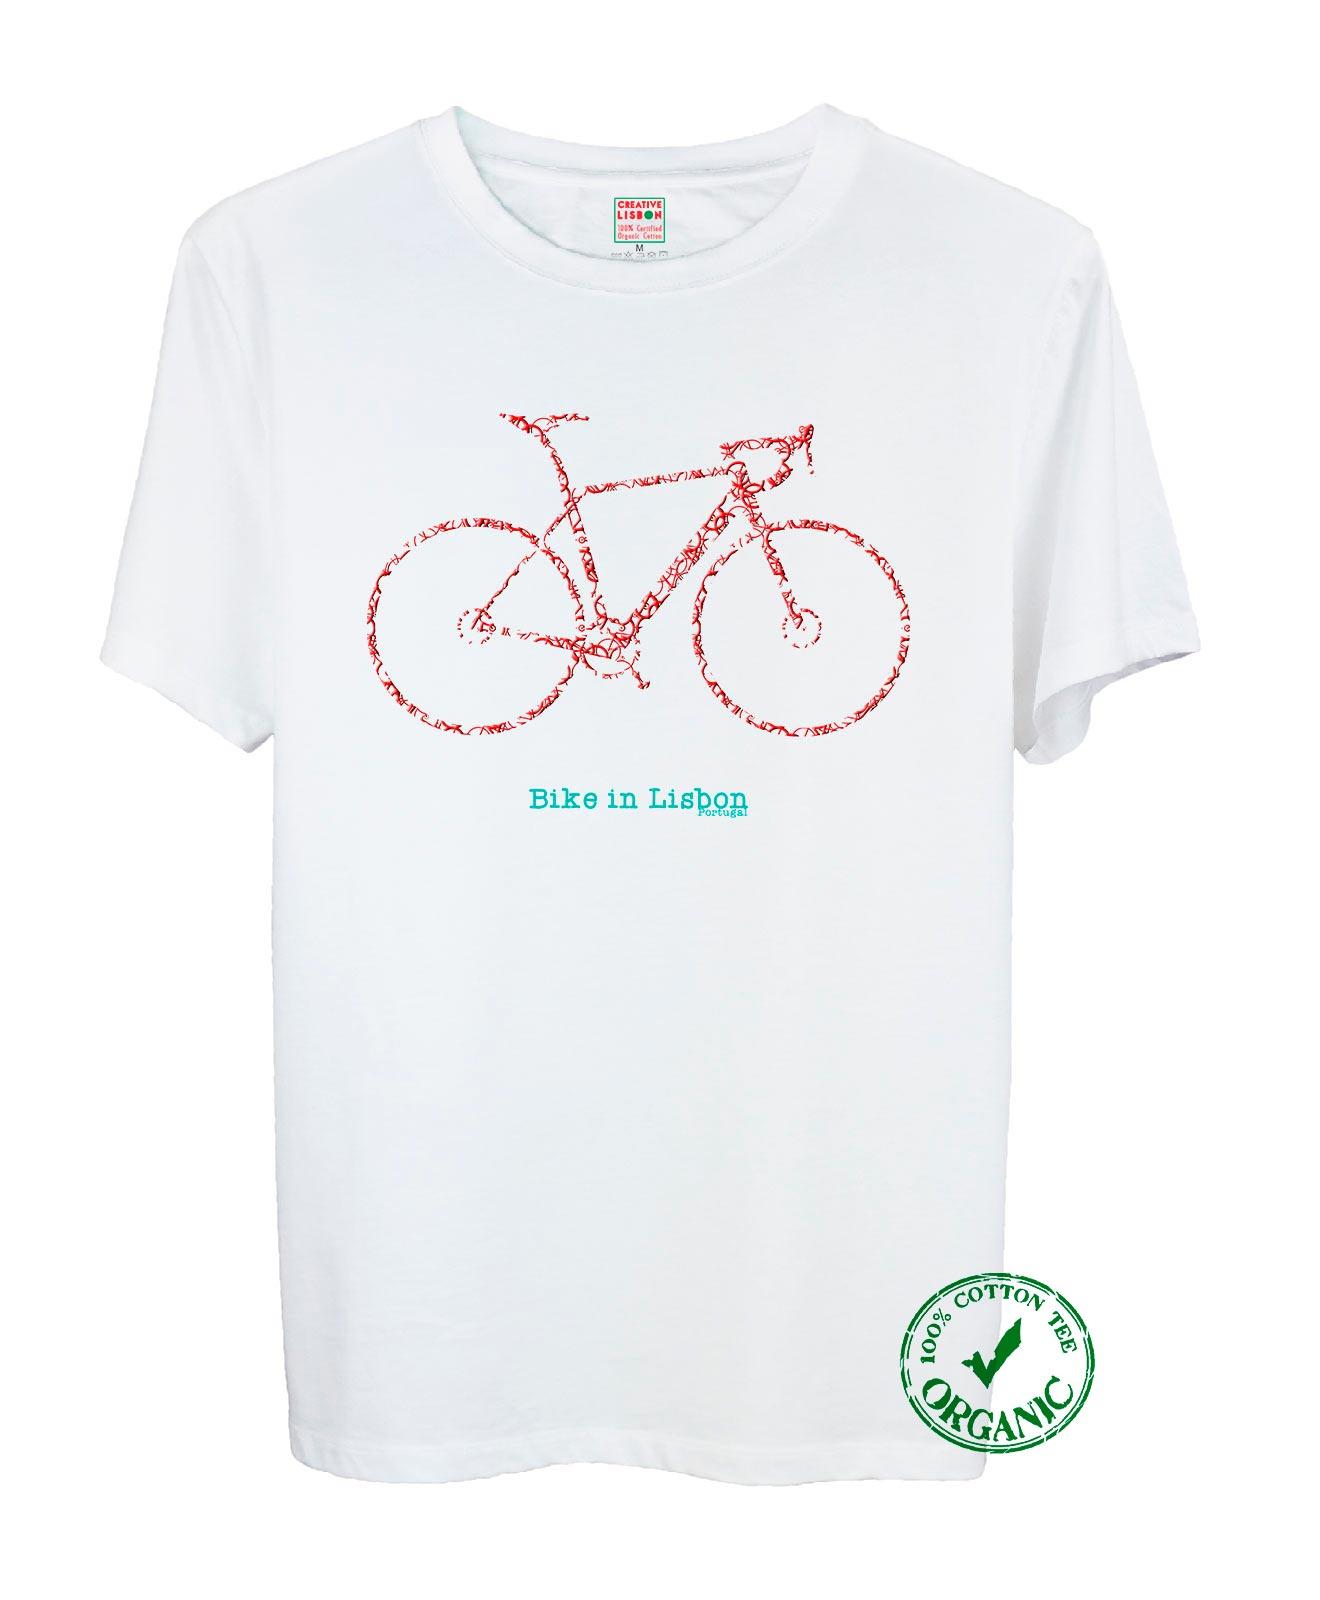 Bike In Lisbon Road Tee Red Bike